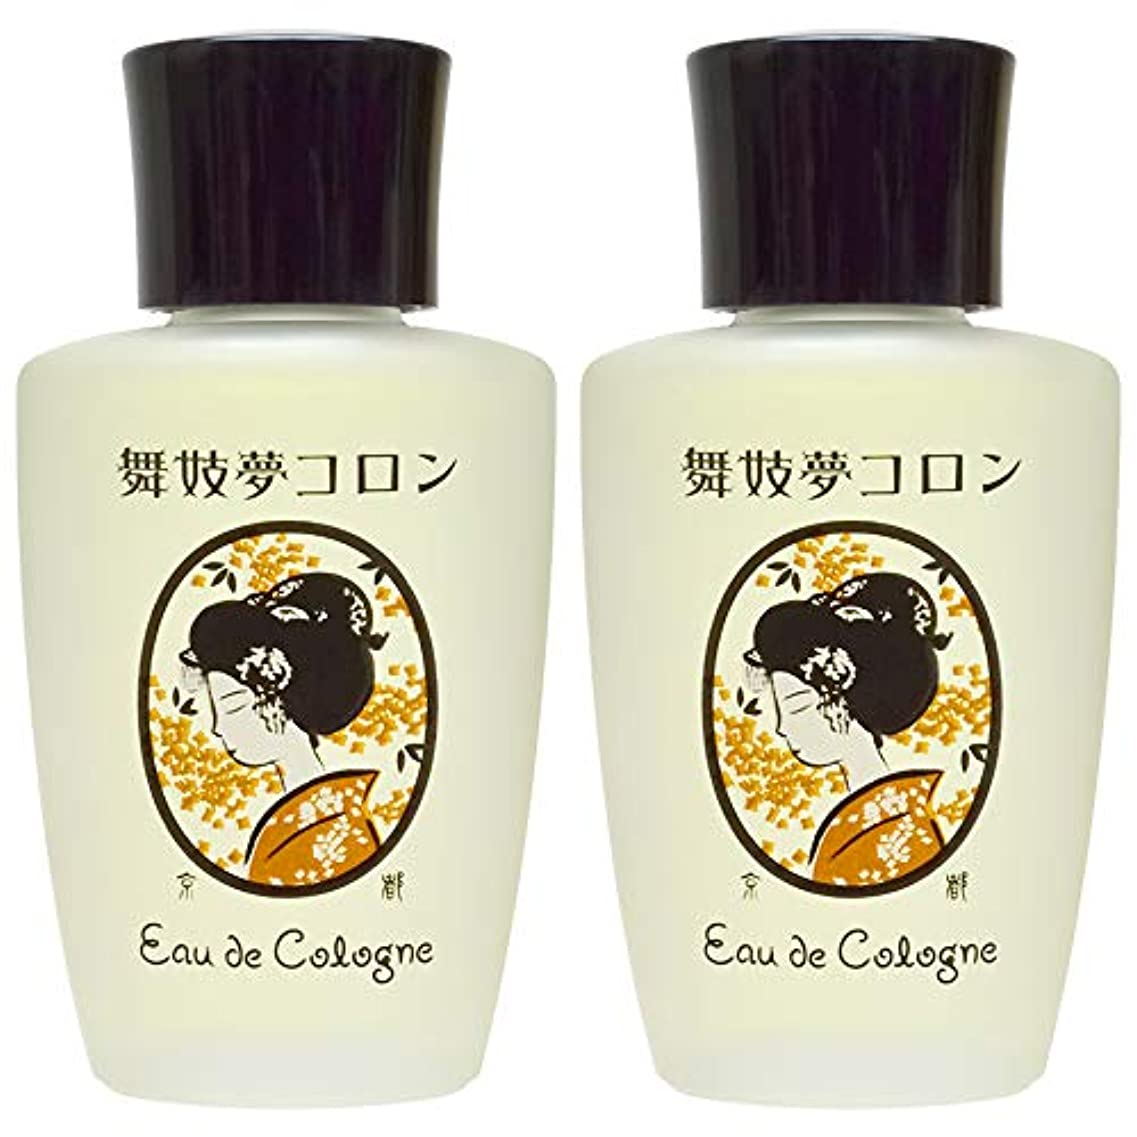 お手伝いさんメーター速い京コスメ 舞妓夢コロン 金木犀/きんもくせいの香り 2個セット 20ml×2個